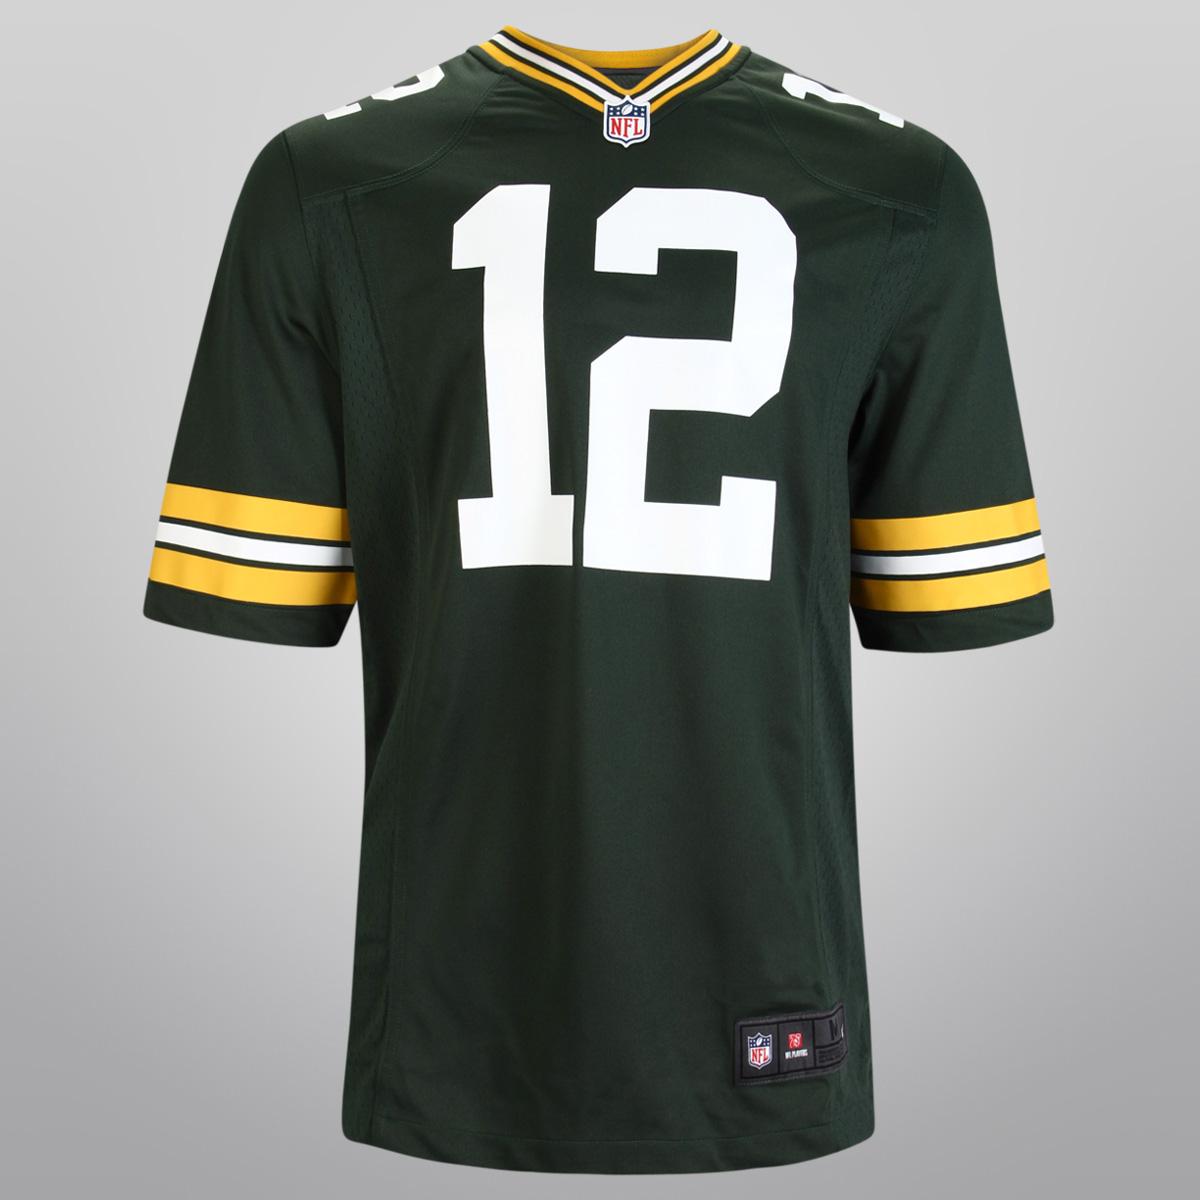 Nuevo 12 Green Bay Packers Aaron Rodgers Jersey para hombre #12 NFL leyenda juego limitado- mostrar título original